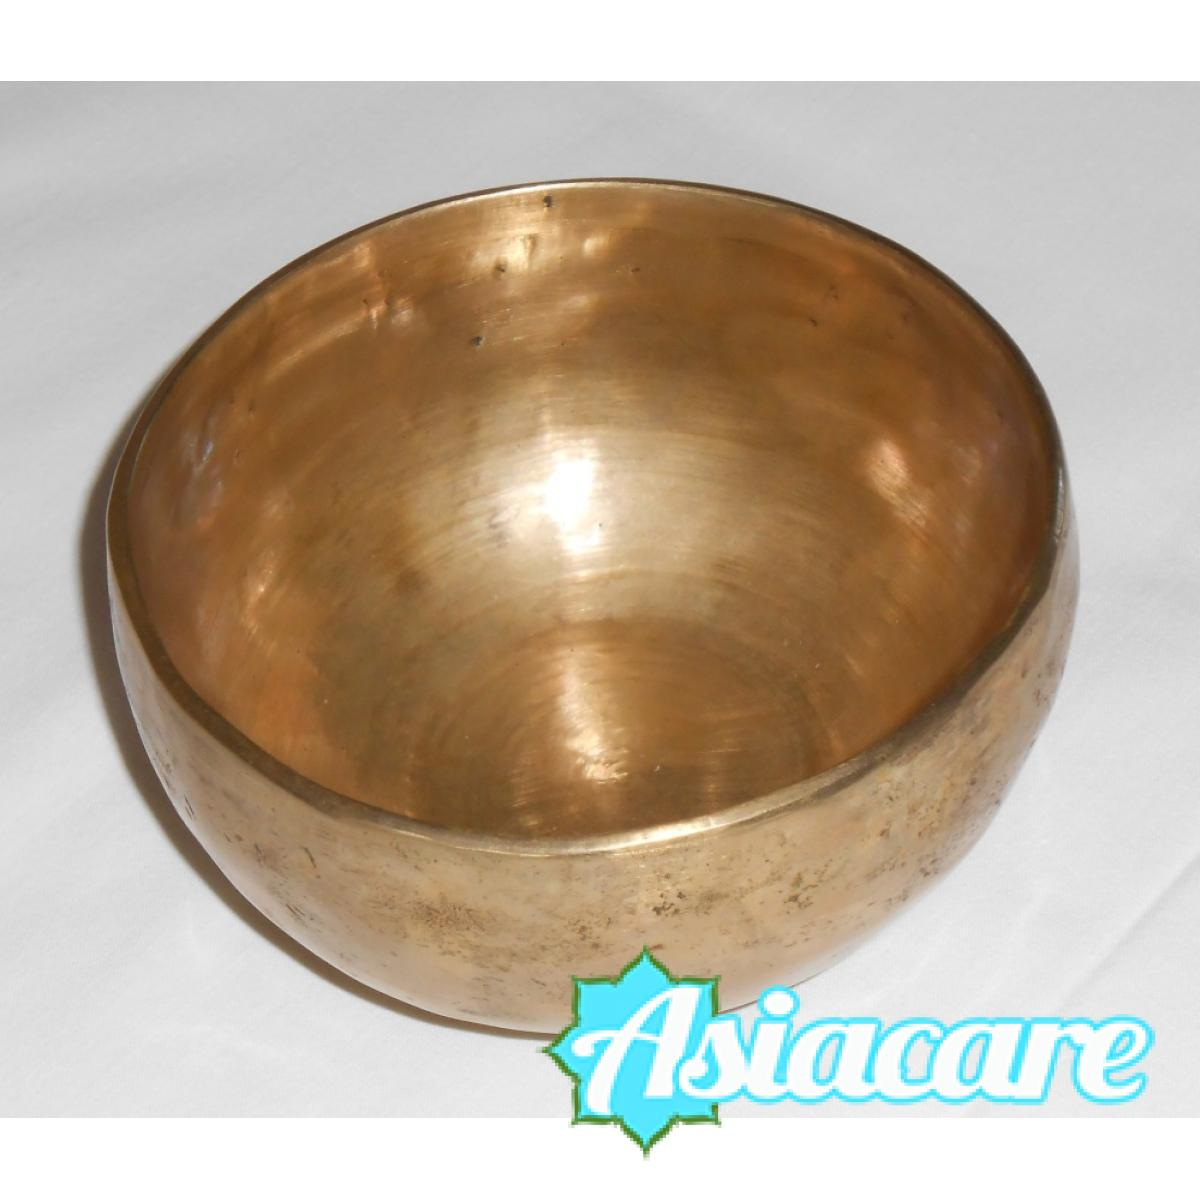 ДЕ-ВА Ръчно кована тибетска пееща купа 2550 грама 30 см и дървено чукче